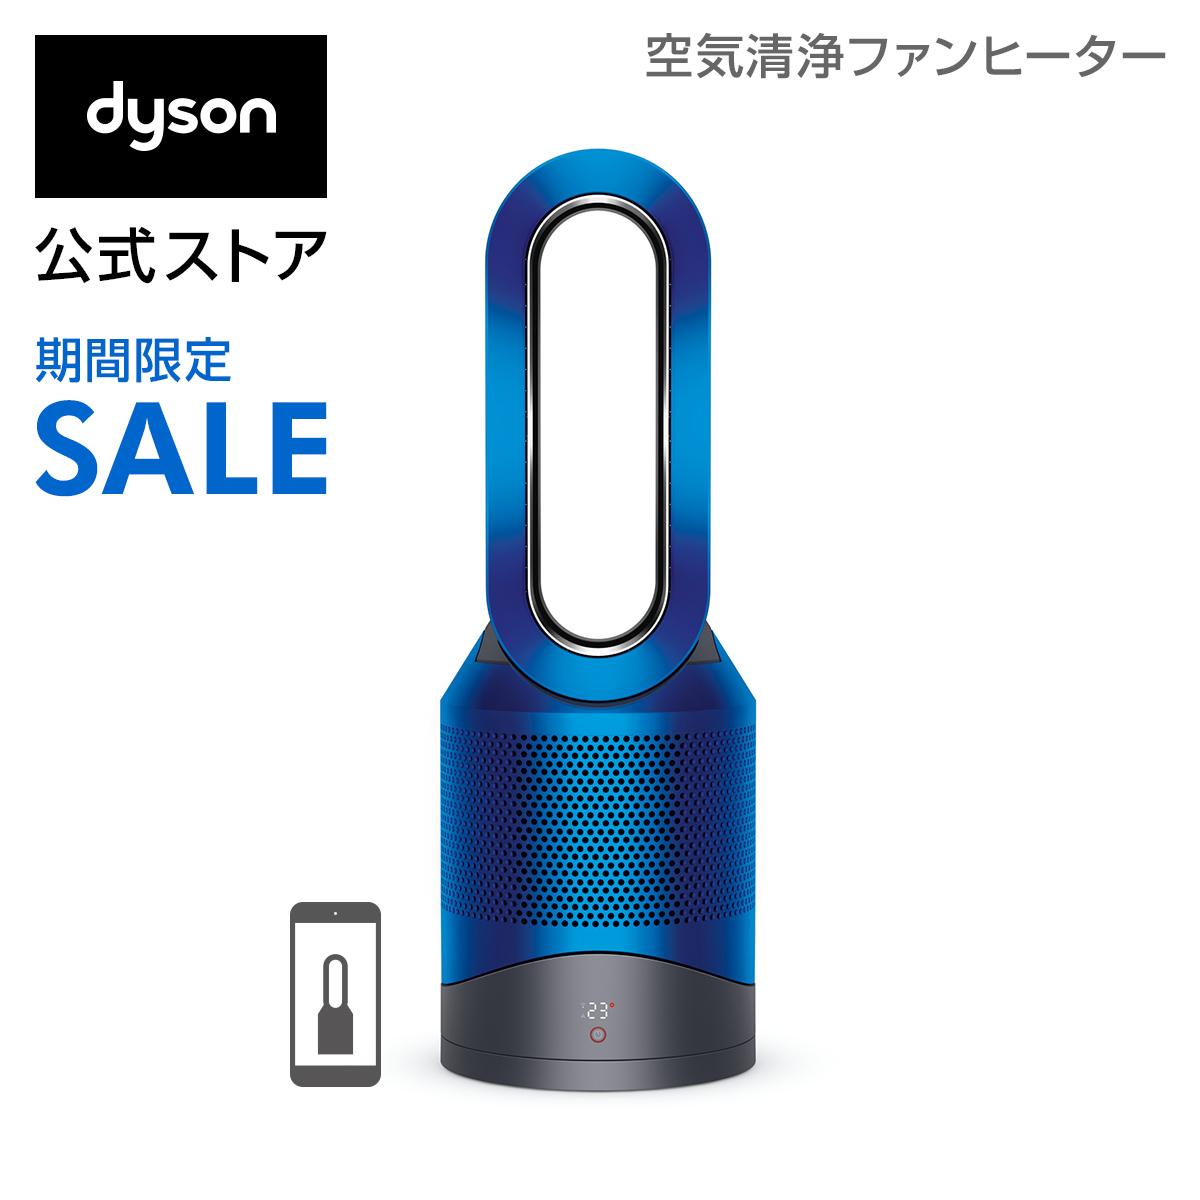 【期間限定】12/1 23:59まで!ダイソン Dyson Pure Hot+Cool Link HP03 IB 空気清浄機能付ファンヒーター 空気清浄機 扇風機 アイアン/ブルー